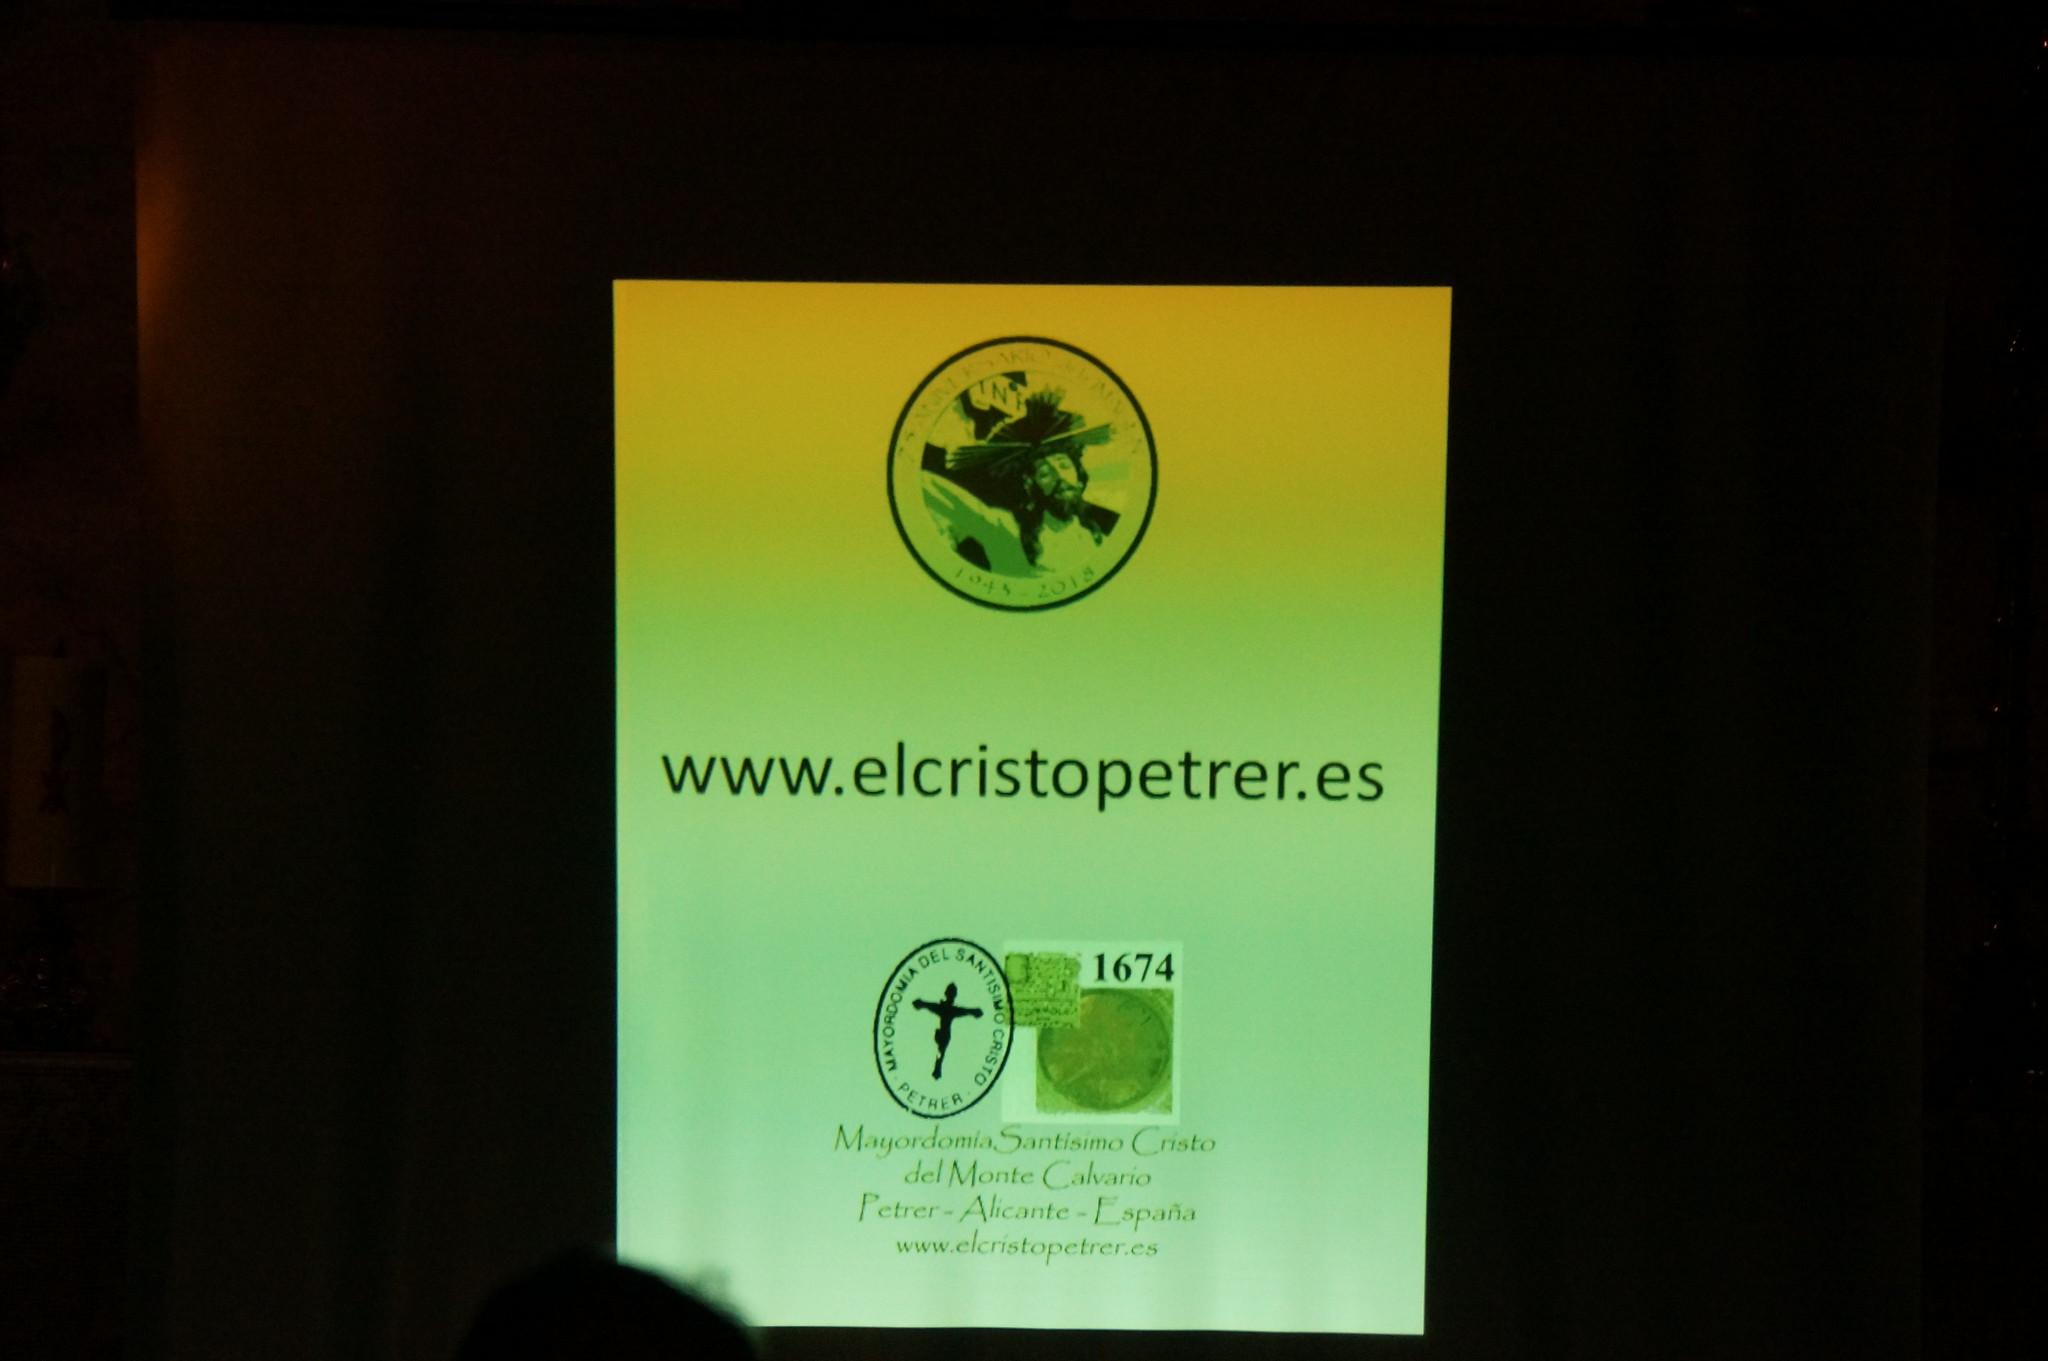 (2018-06-12) Presentación Revista El Cristo 2018 - Paqui Reig Aracil (05)